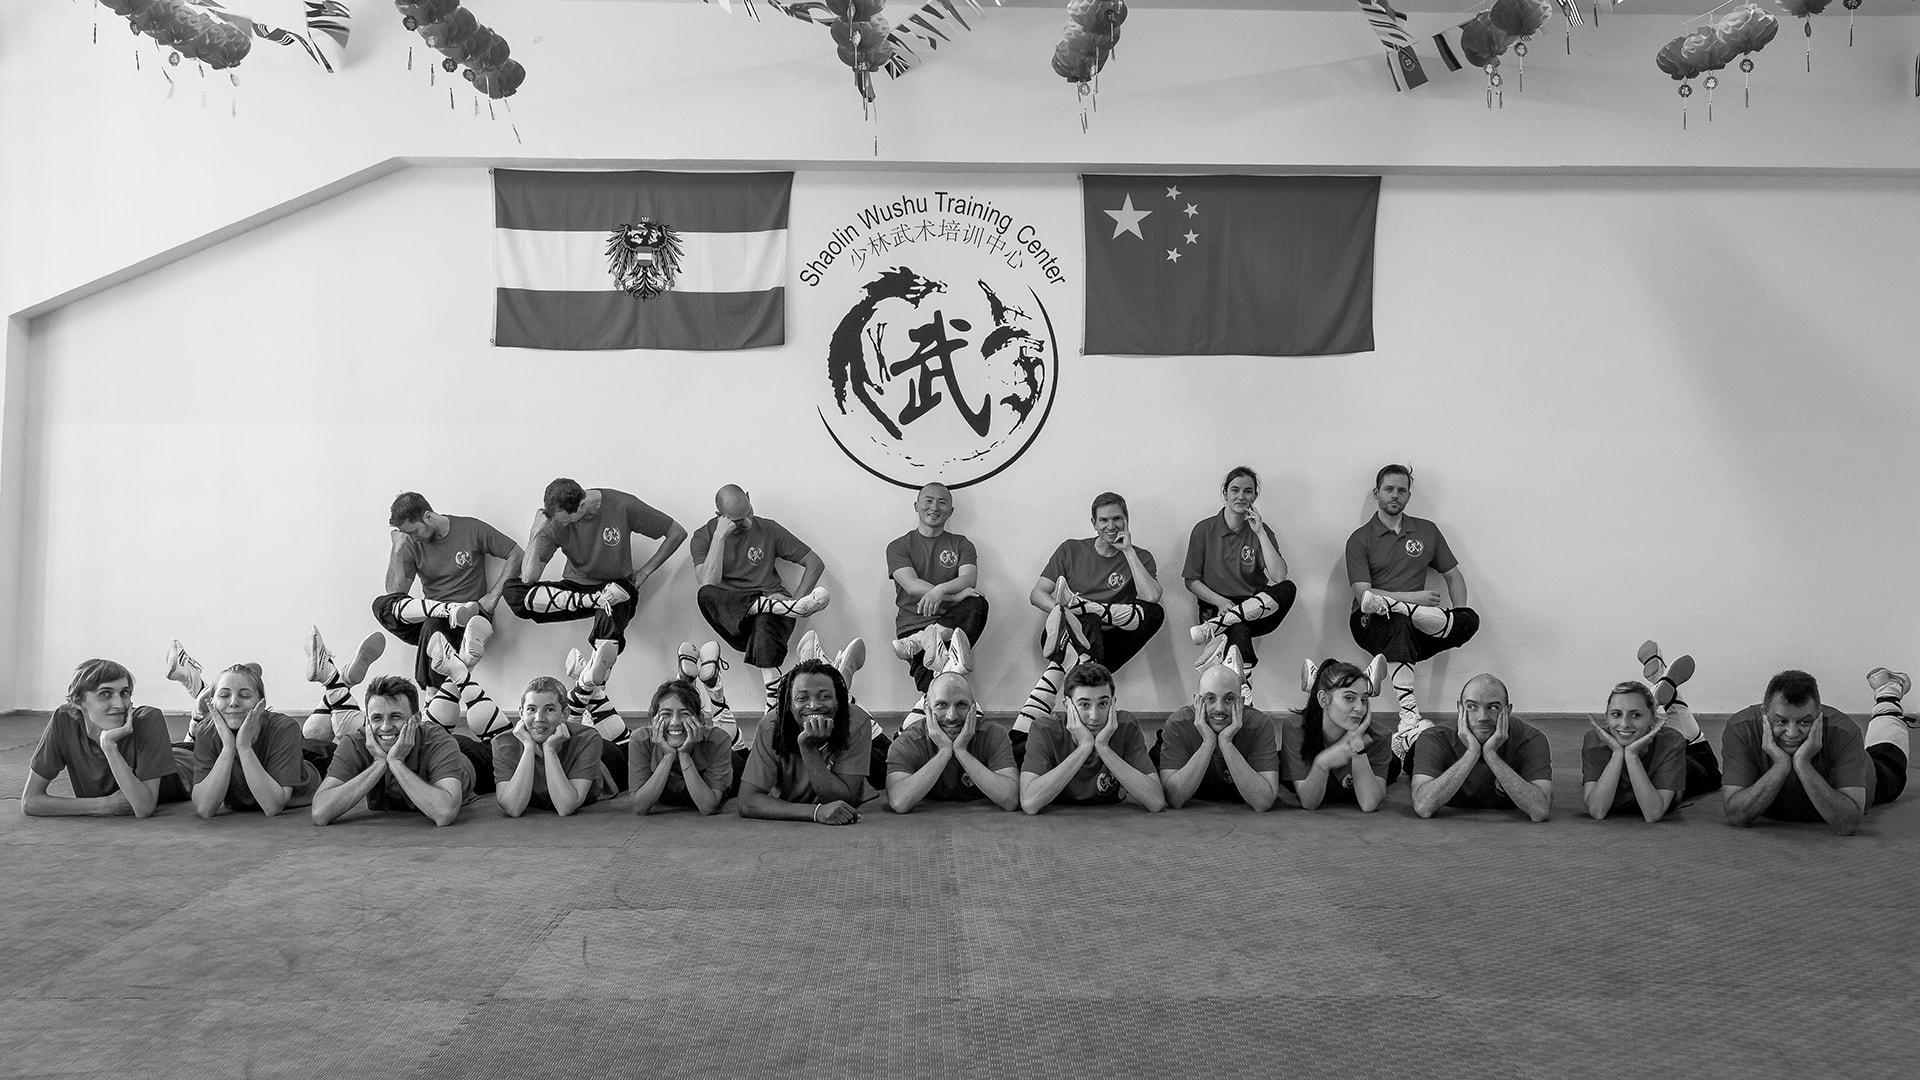 Shaolin-Wushu-Training-Center-Kung-Fu-in-Wien-28